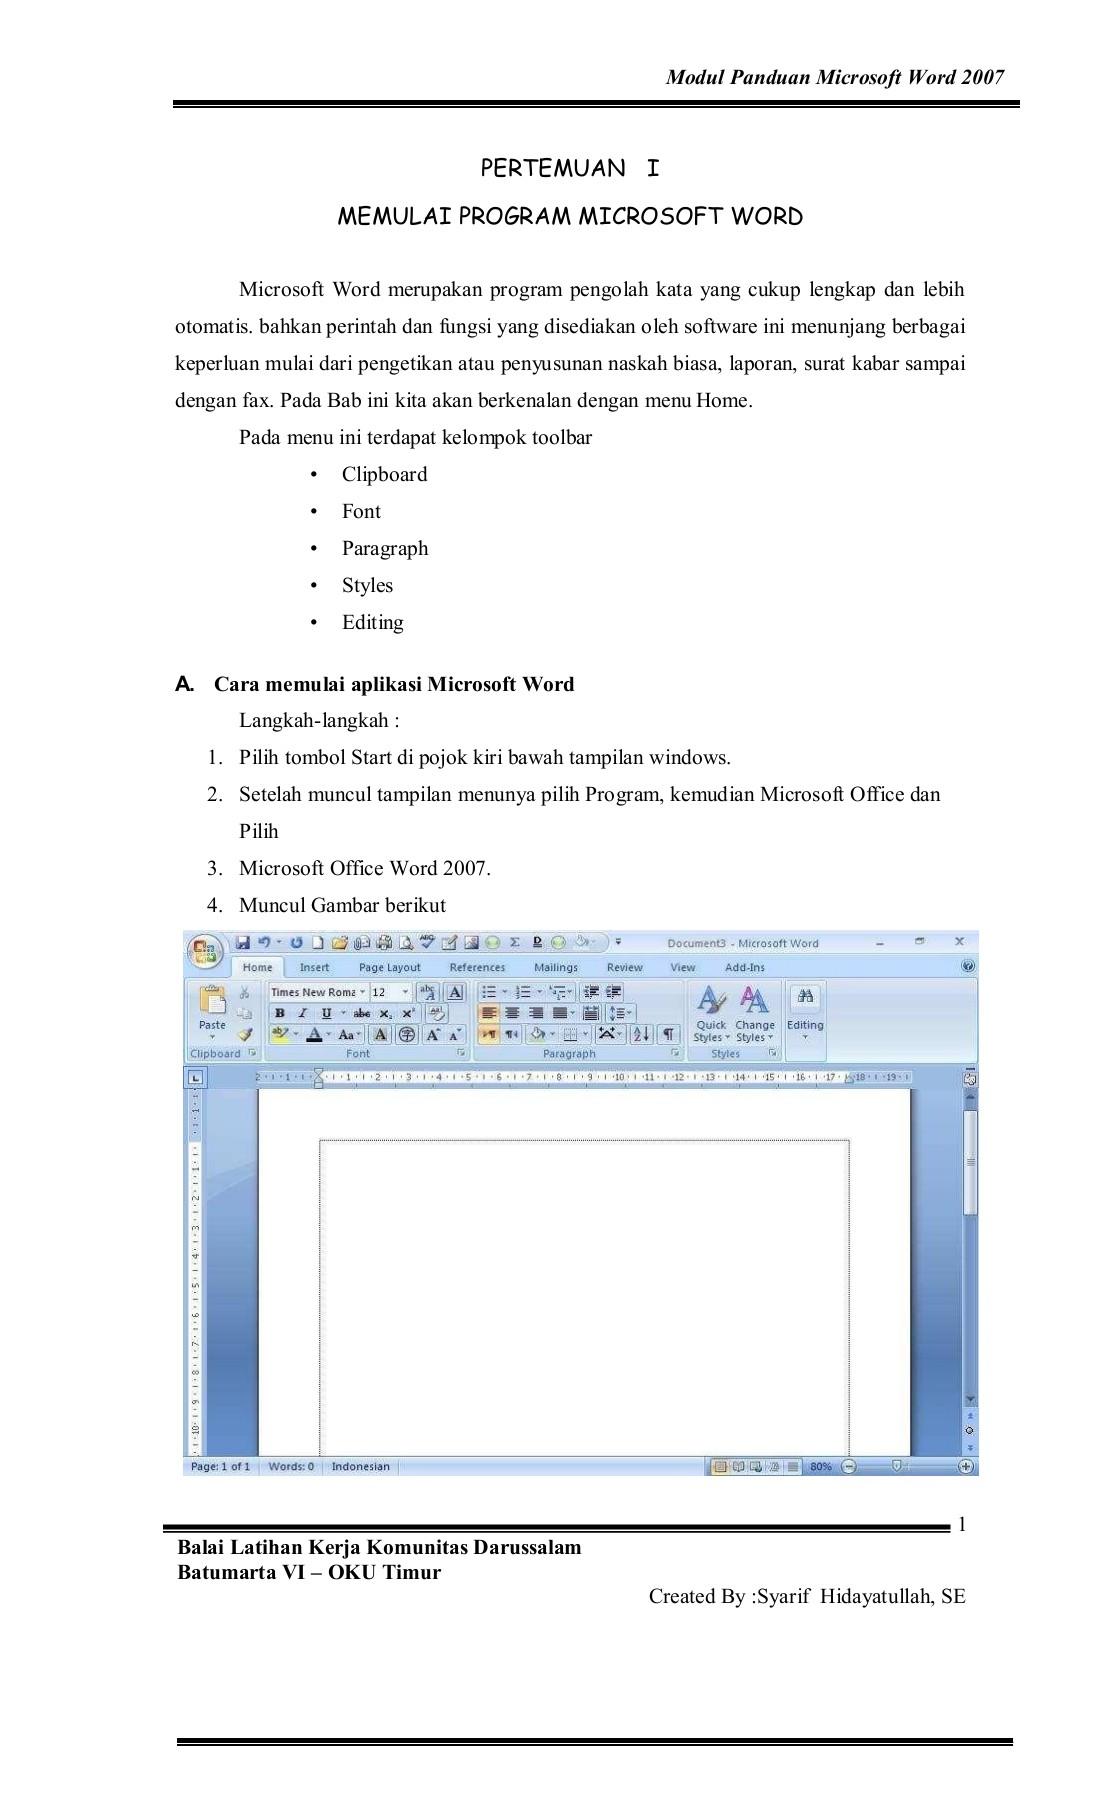 Cara Memunculkan Toolbar Di Word : memunculkan, toolbar, Modul, Panduan, Microsoft, Kelas, Mandiri, Pages, Download, FlipHTML5